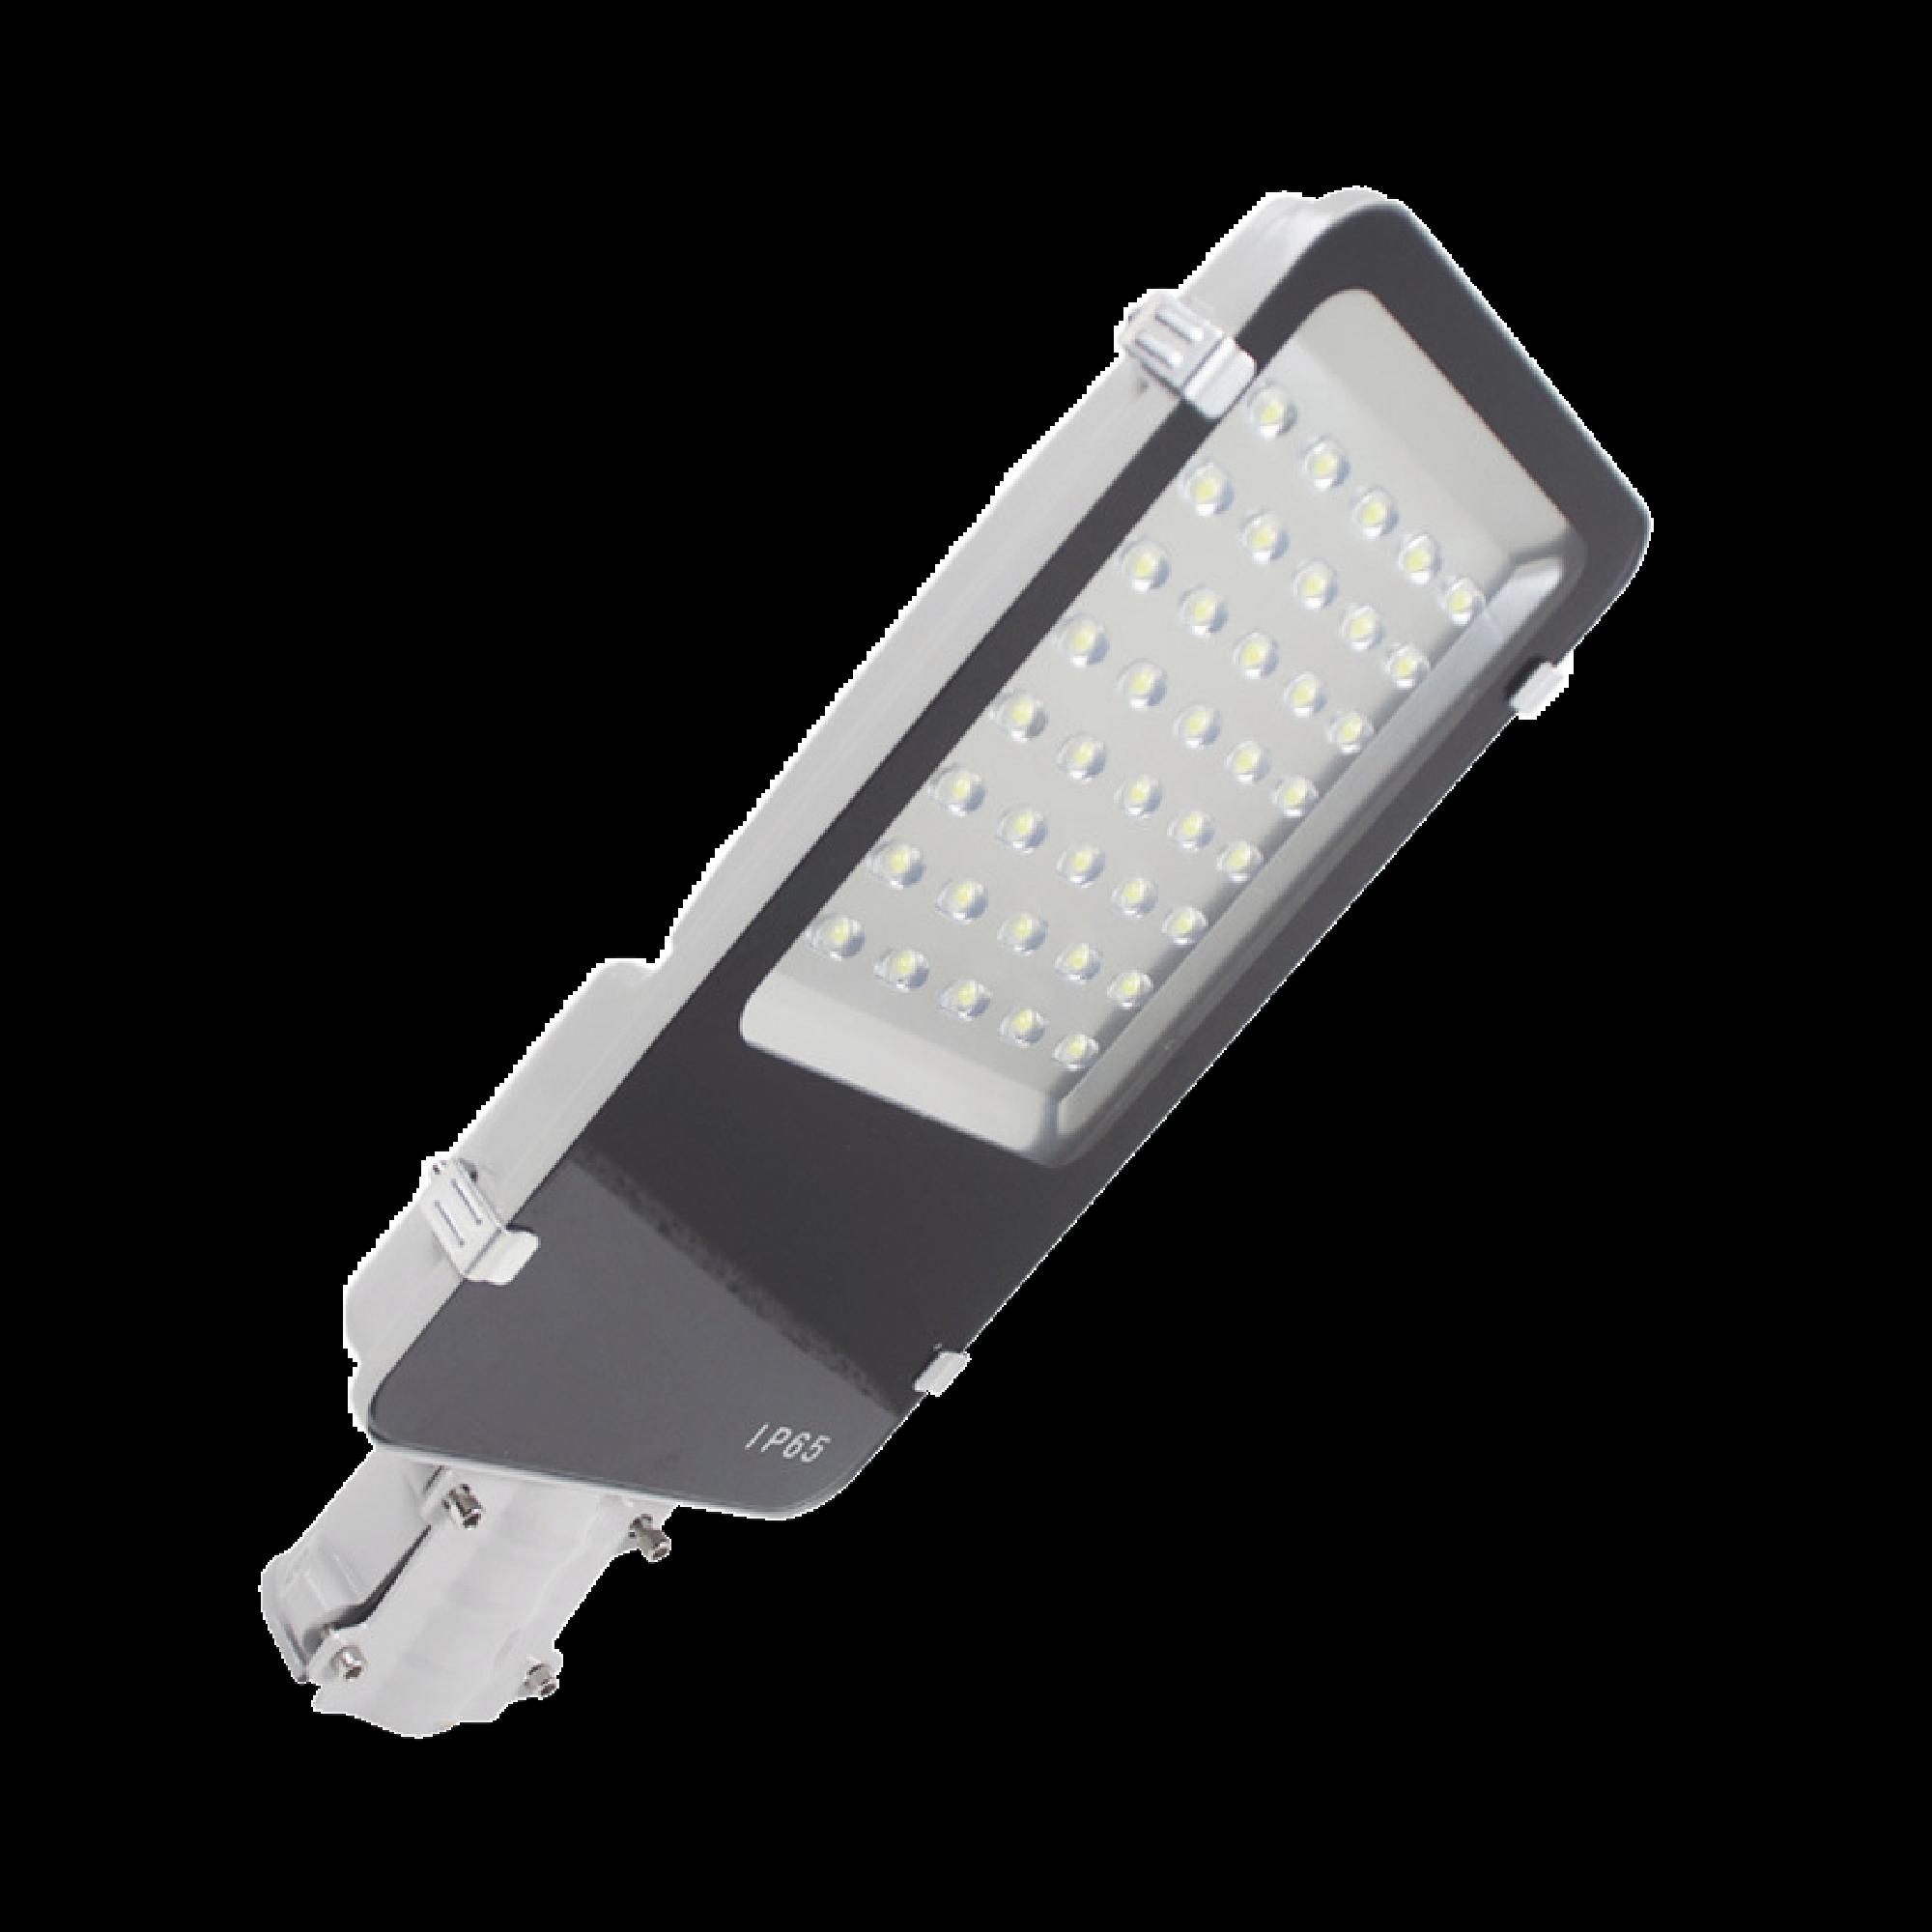 Luminaria LED 12/24 Vcc de 60 W para alumbrado público